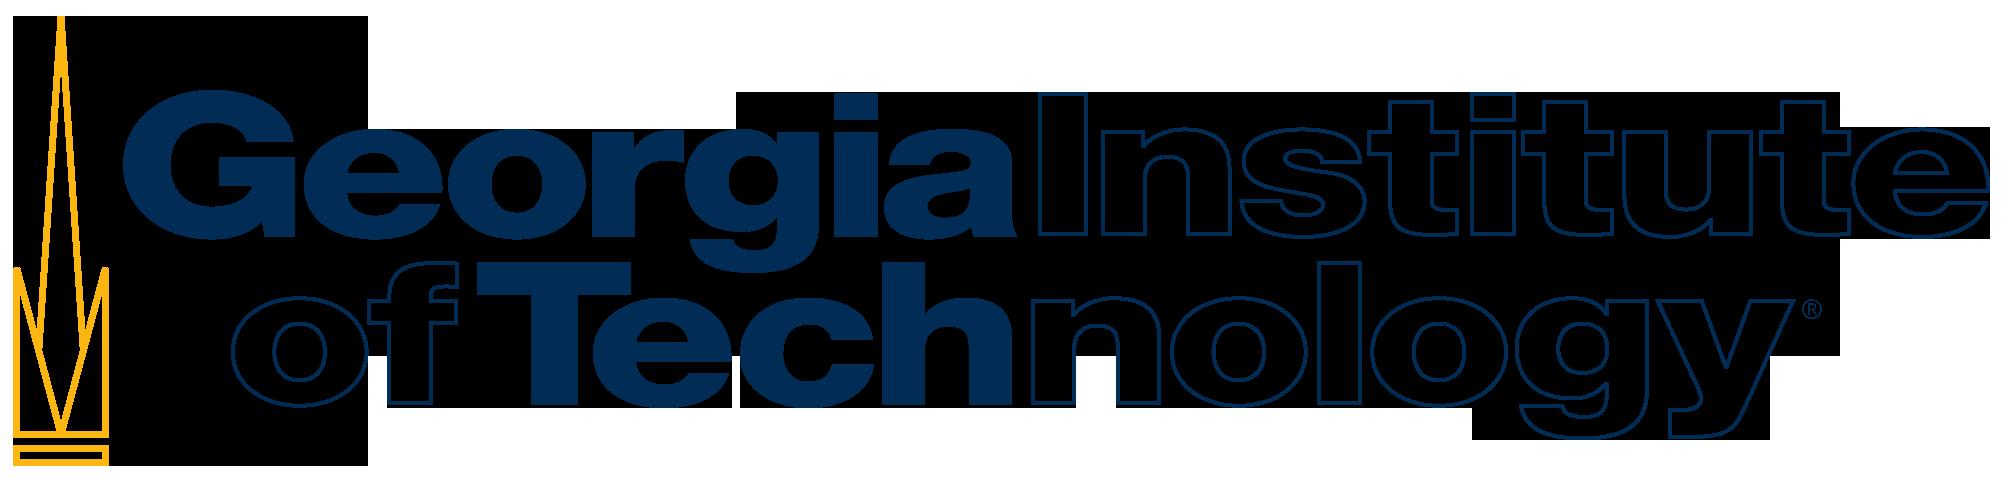 gatech-logo.png